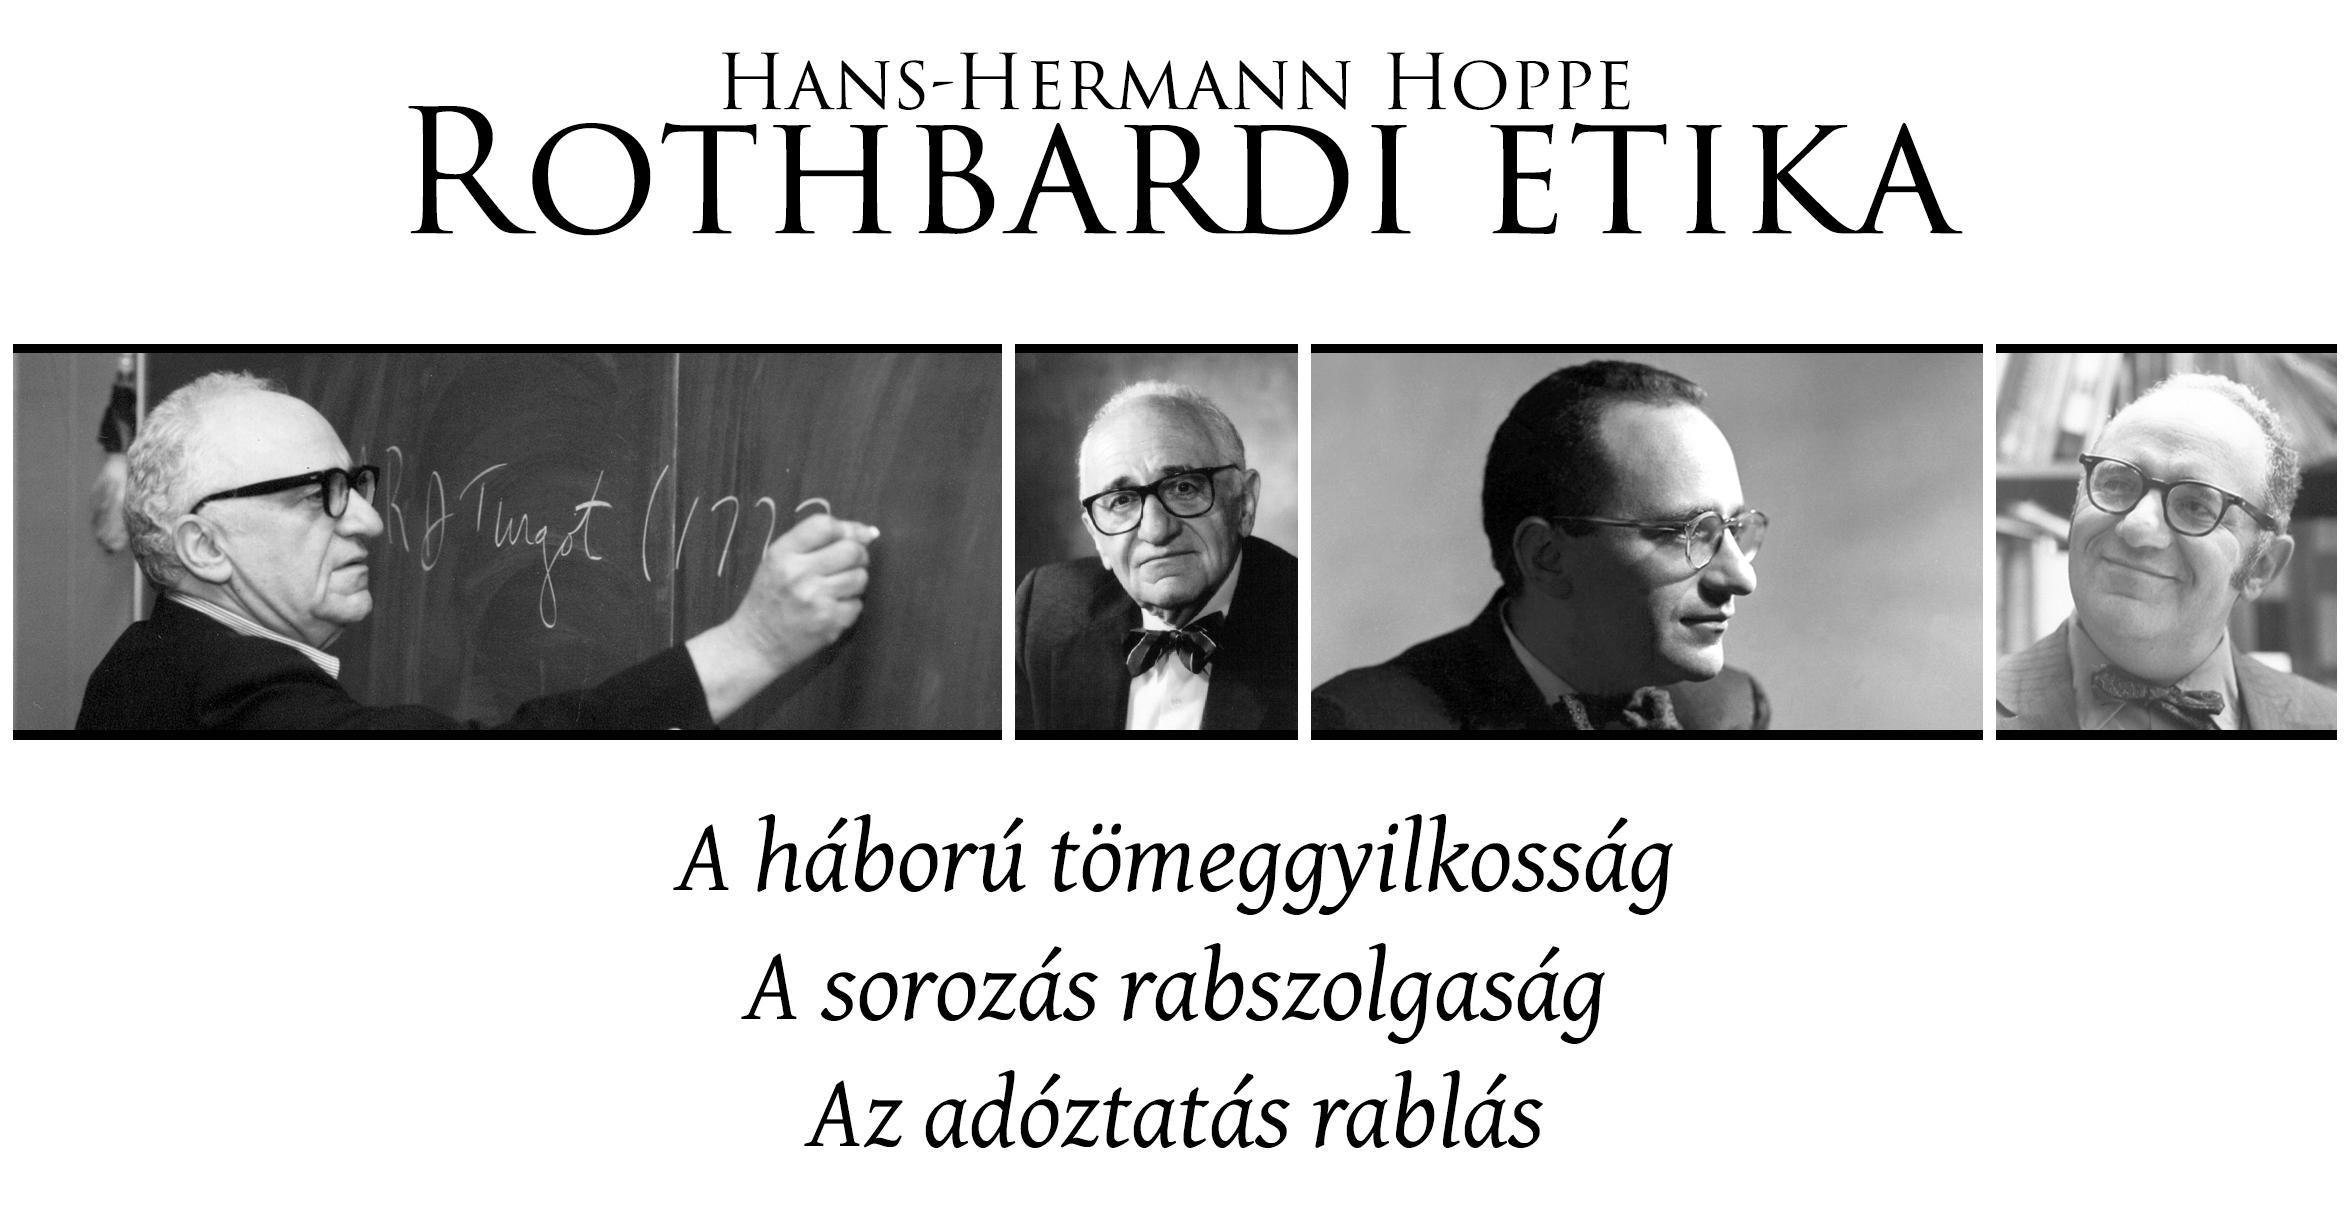 Hans-Hermann Hoppe - Rothbardi etika